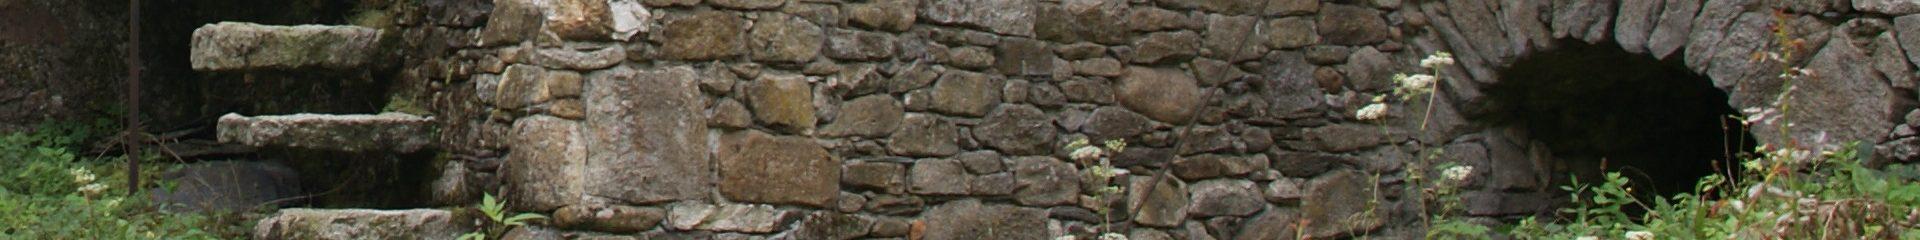 ARAM81 - Association Régionale des Amis des Moulins du Tarn